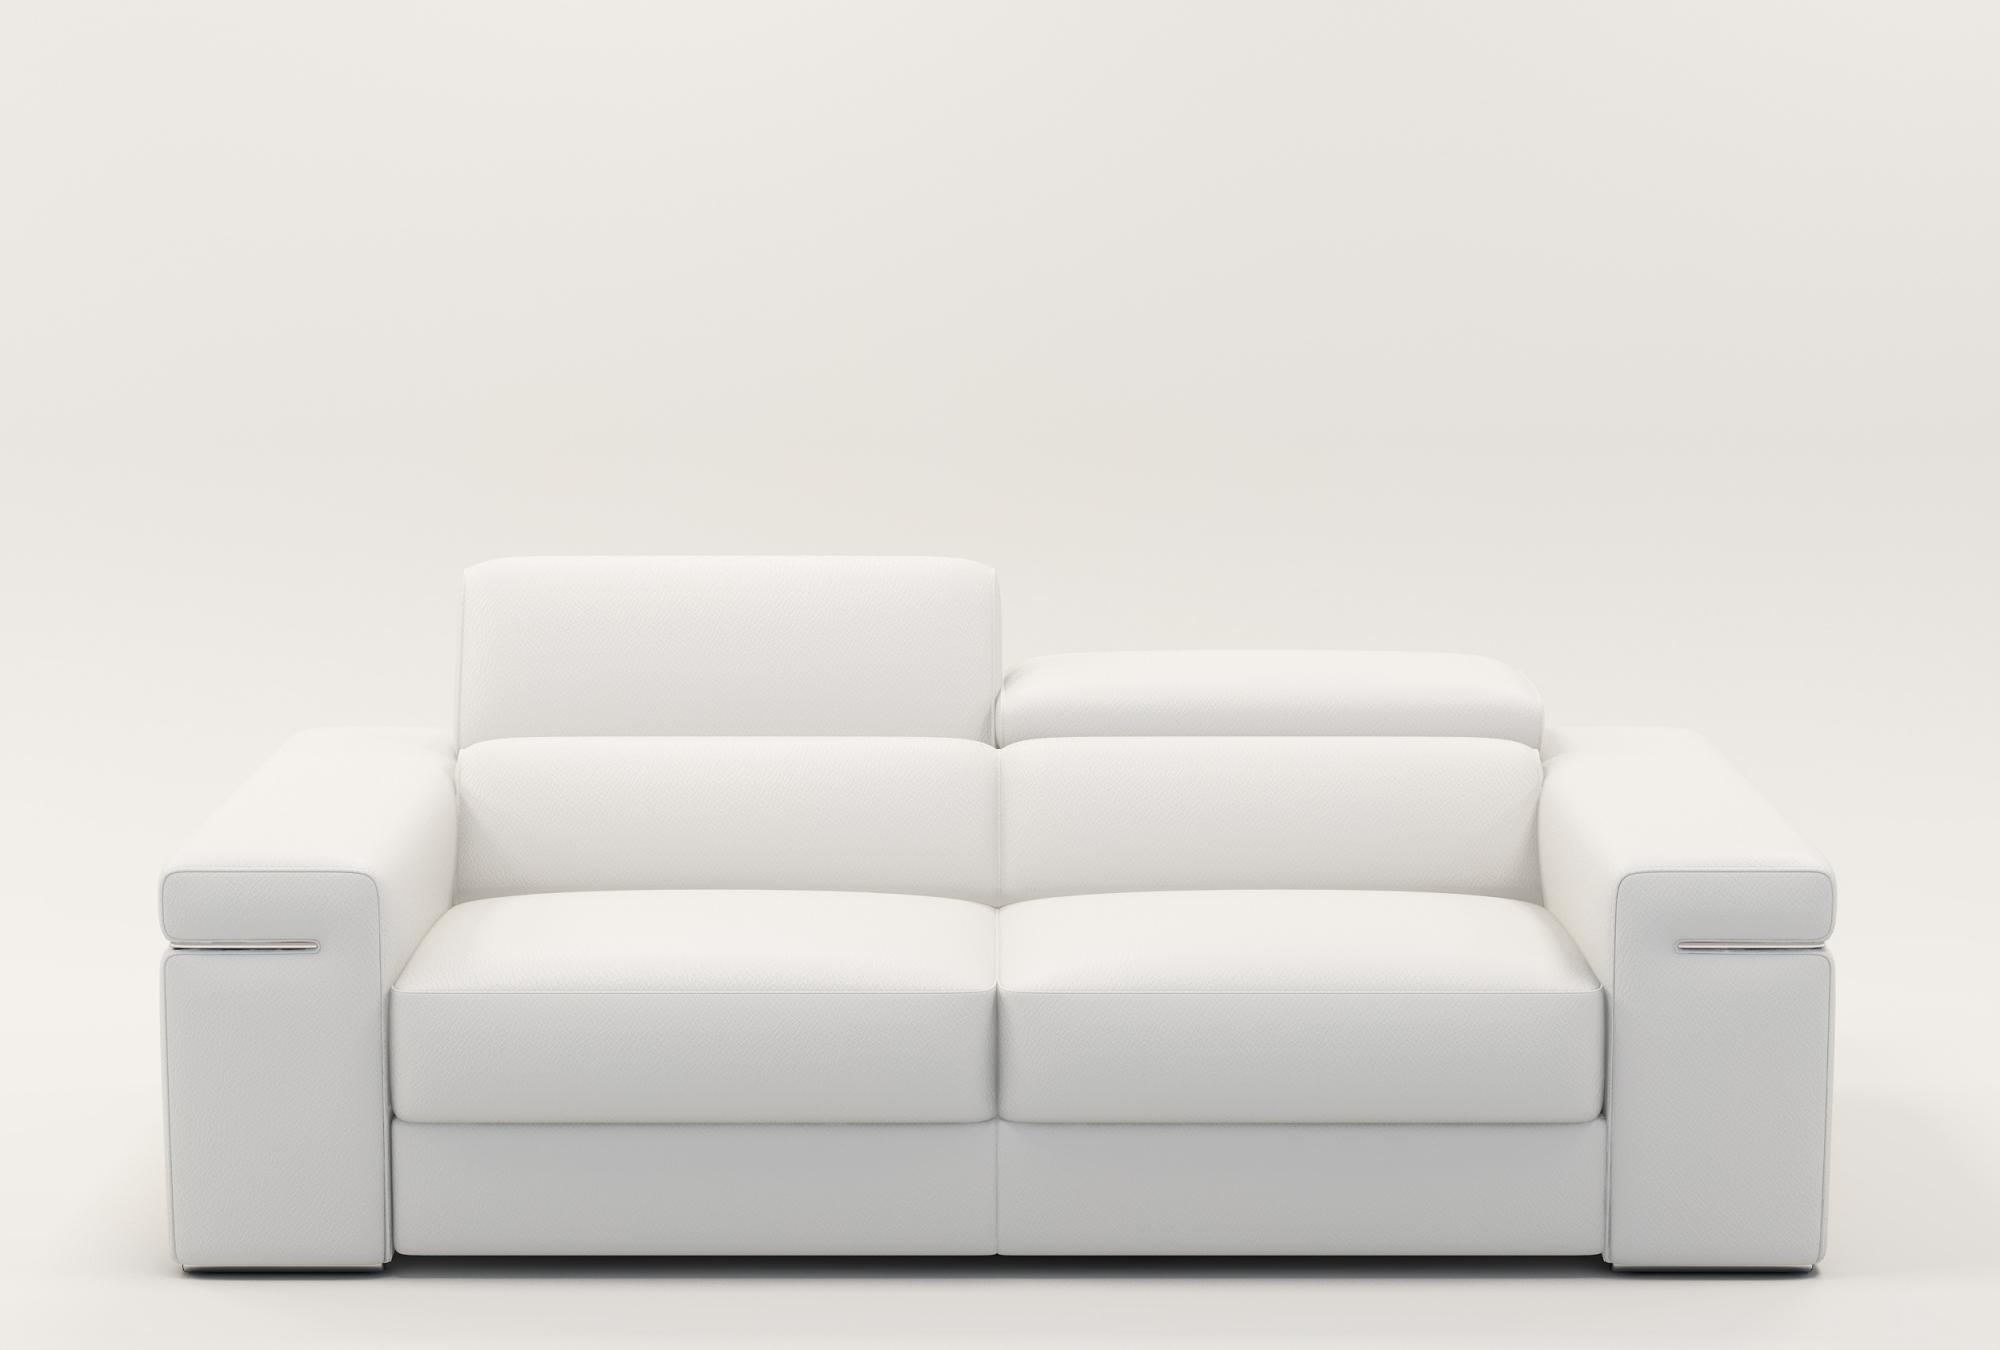 Canapé Cuir Blanc Concept